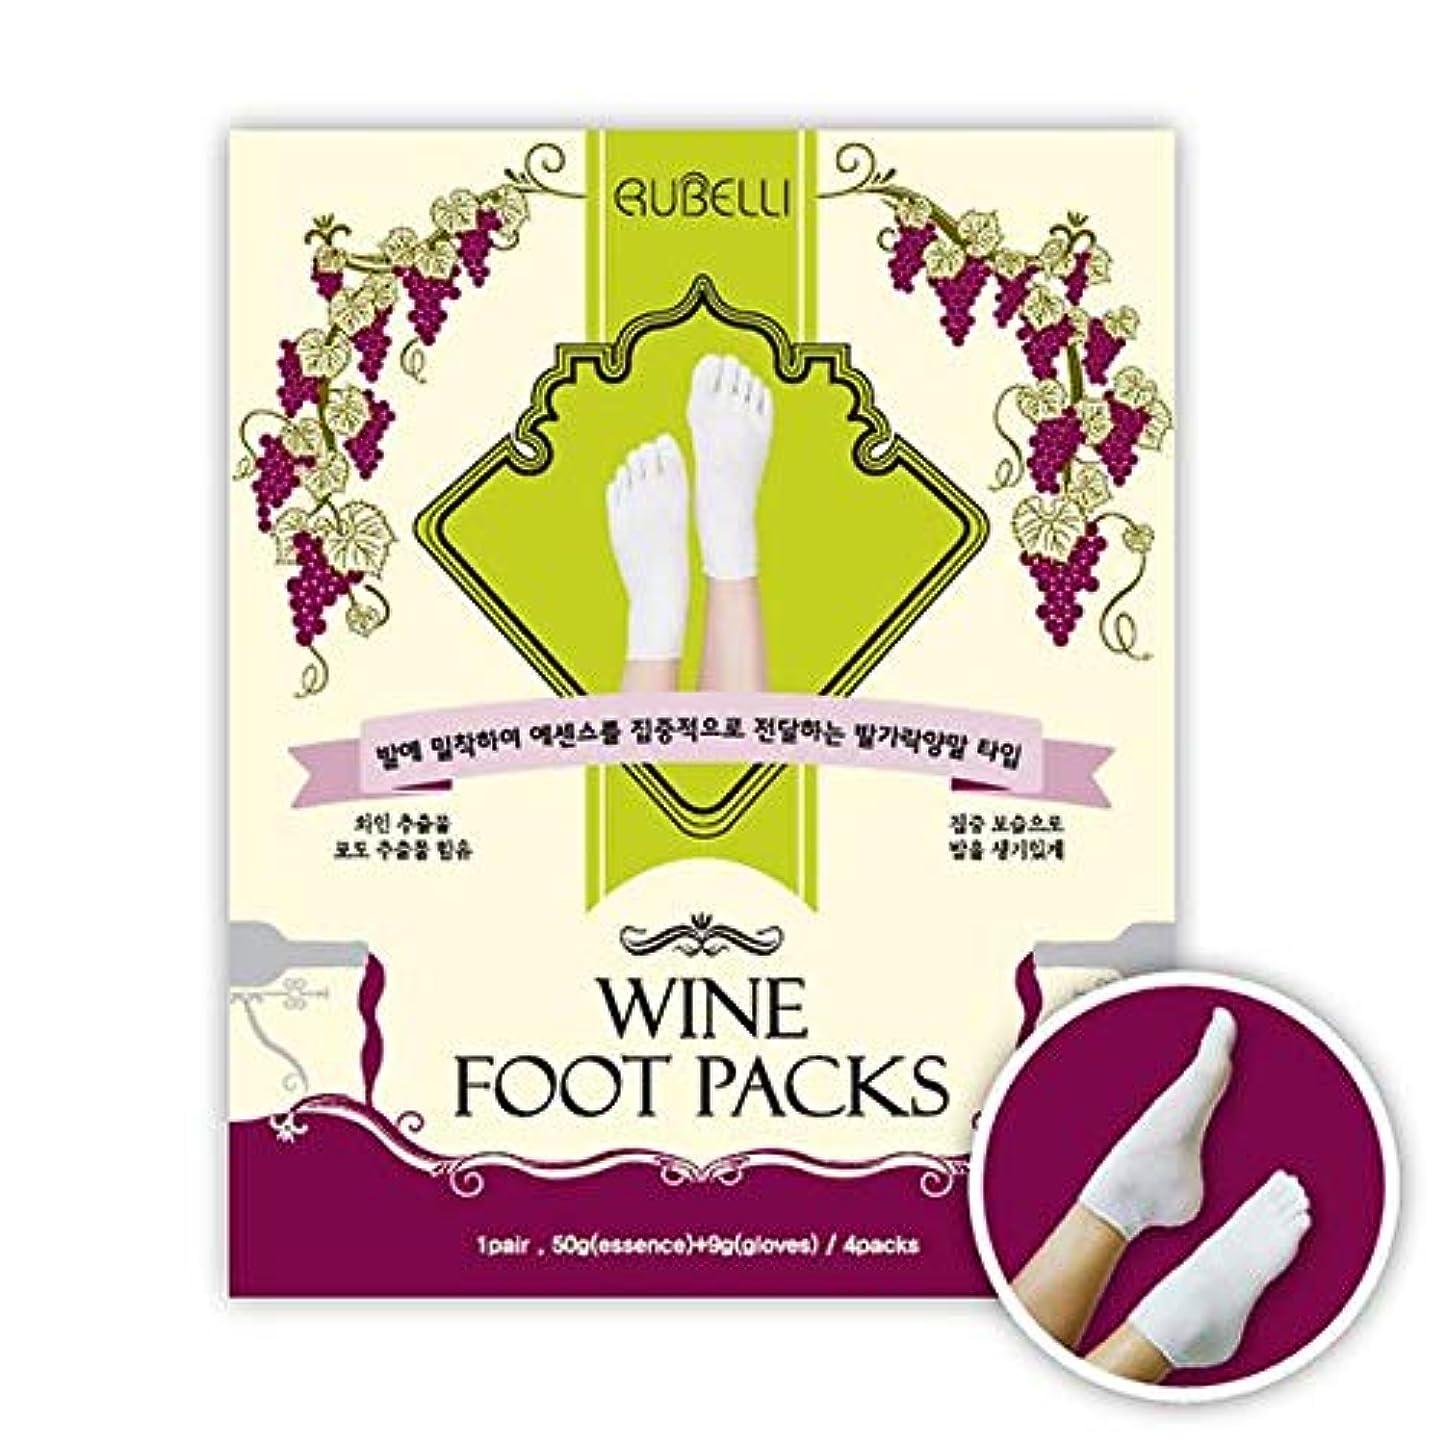 凍る強います不健康ルベリ[RUBELLI] ワインフットパック59gx4ea自宅でセルフフットケア、保湿 (Wine Foot Packs)